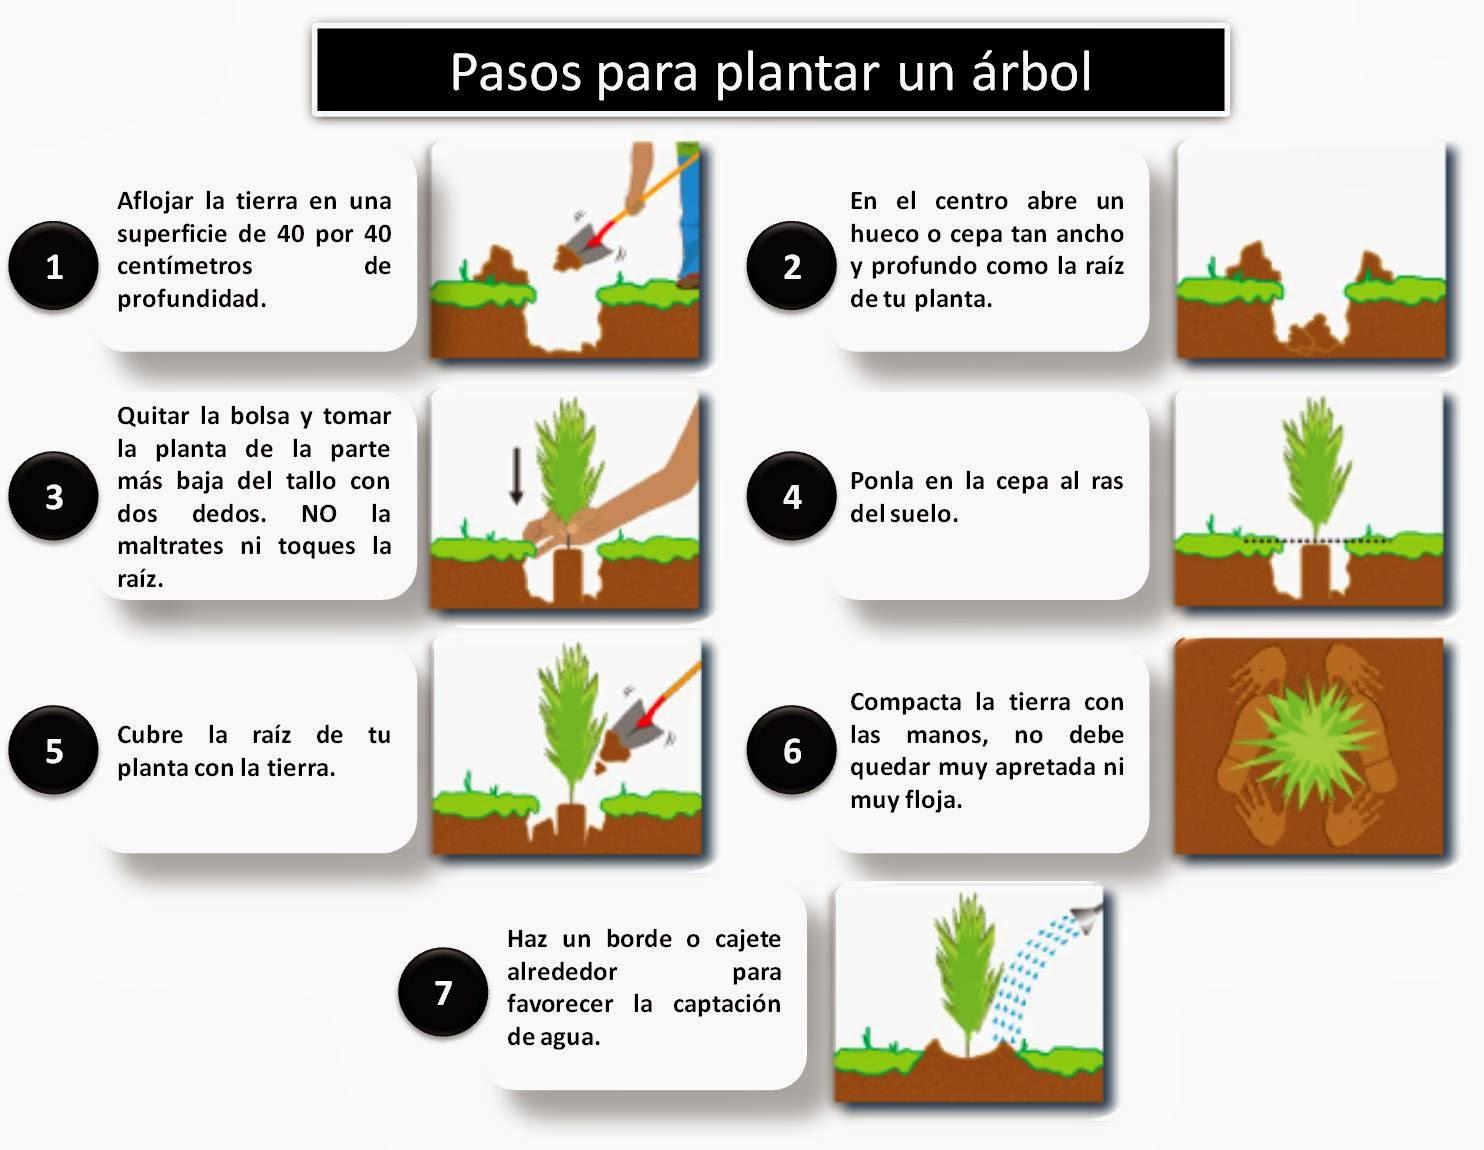 http://1.bp.blogspot.com/-g7zo6Icy1B8/UsbfA0Y0KCI/AAAAAAAAL8Y/pVyQhhuS8Qc/s1600/plantar-un-arbol-pasos.jpg